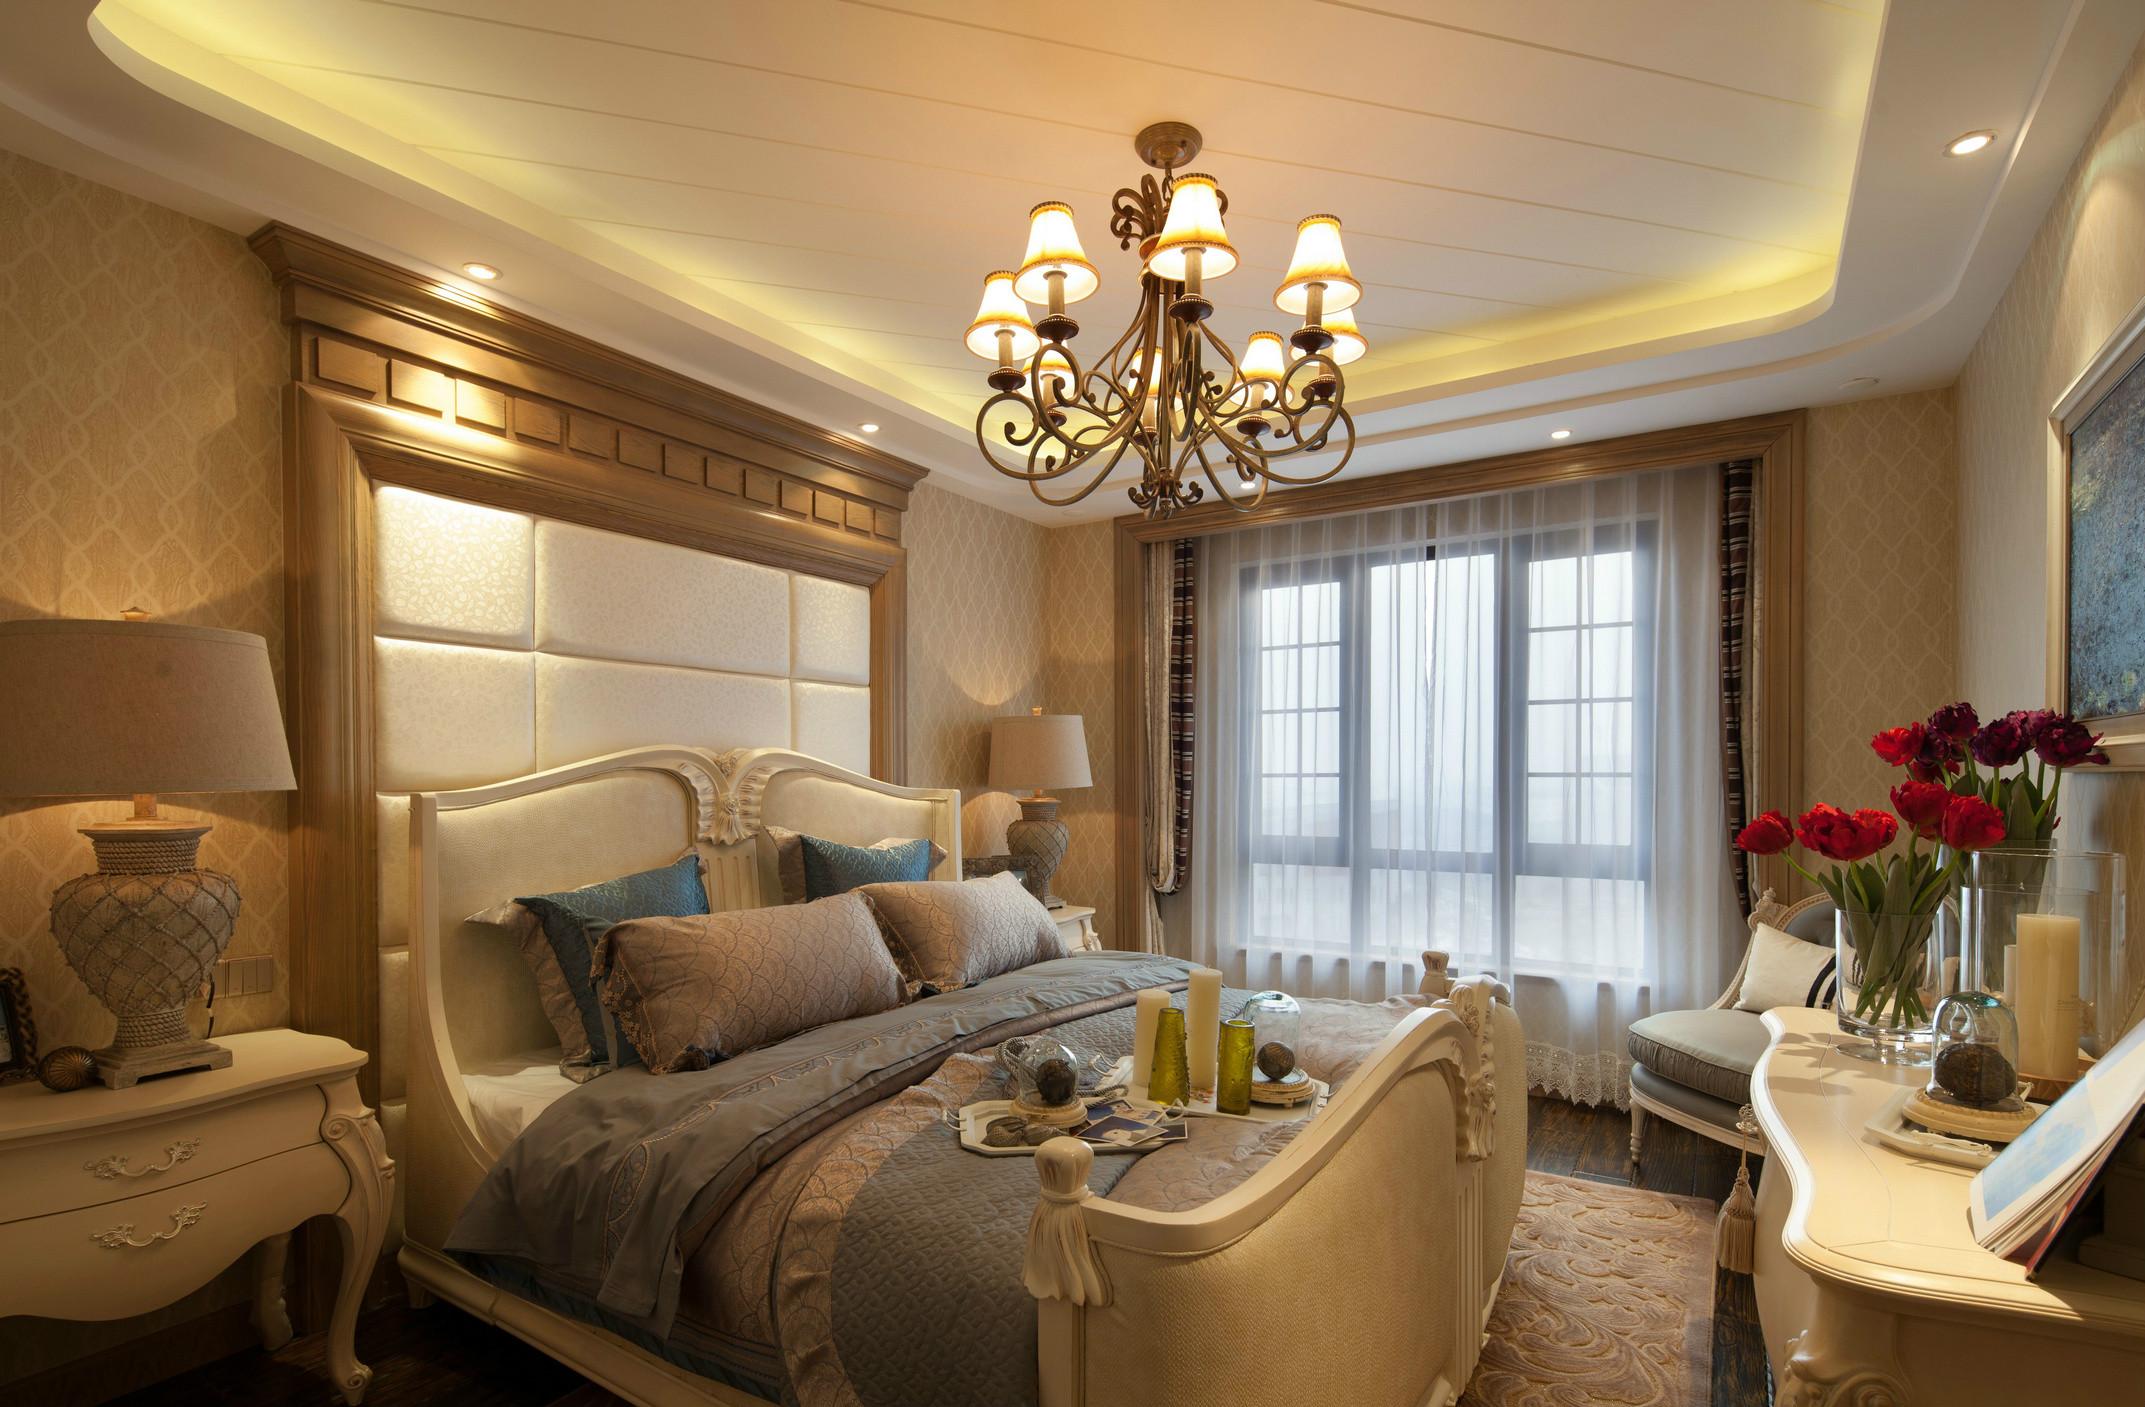 欧式大床背后装饰了白黄色背景墙,形成统一风格。